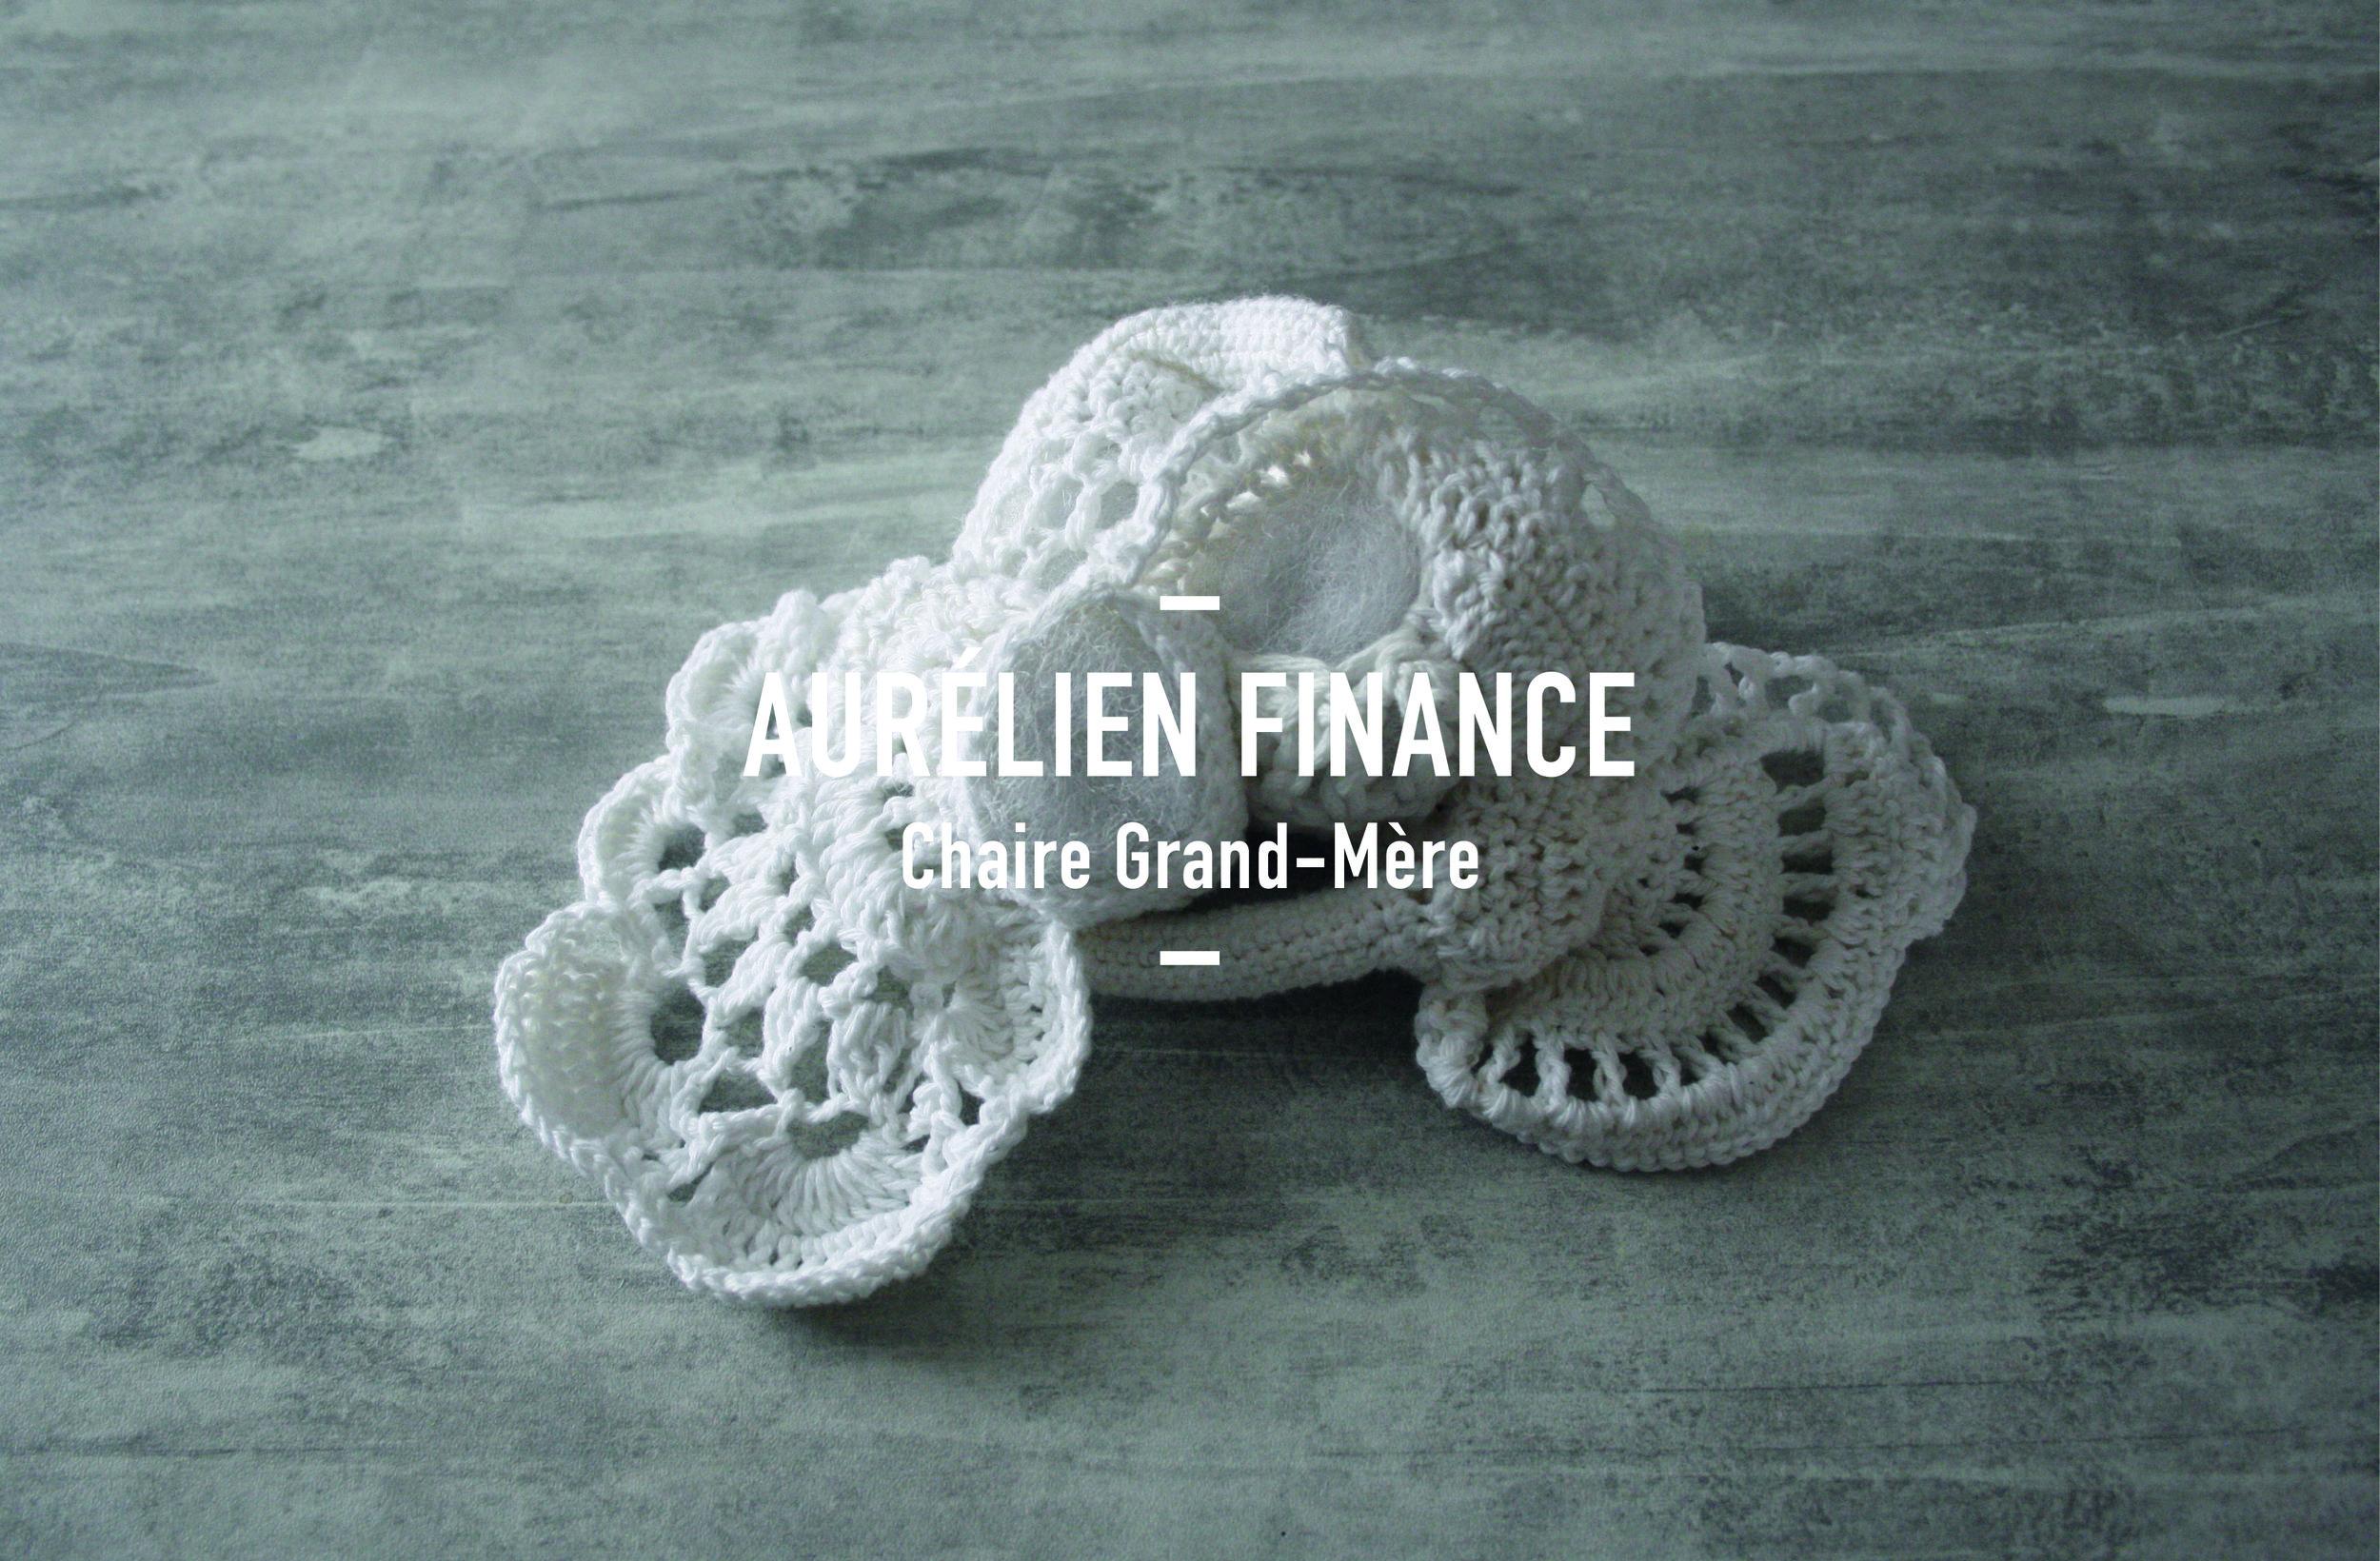 AURÉLIEN FINANCE   Je suis né le 23 Février 1994 à Mulhouse et vis dans le Territoire de Belfort où j'ai mon espace pour travailler. Je suis diplômé d'un Master option design textile à la HEAR en 2018 (Haute École des Arts du Rhin Mulhouse), après avoir passé mon bac pro métier de la mode et du vêtement au Follereau à Belfort en 2012….